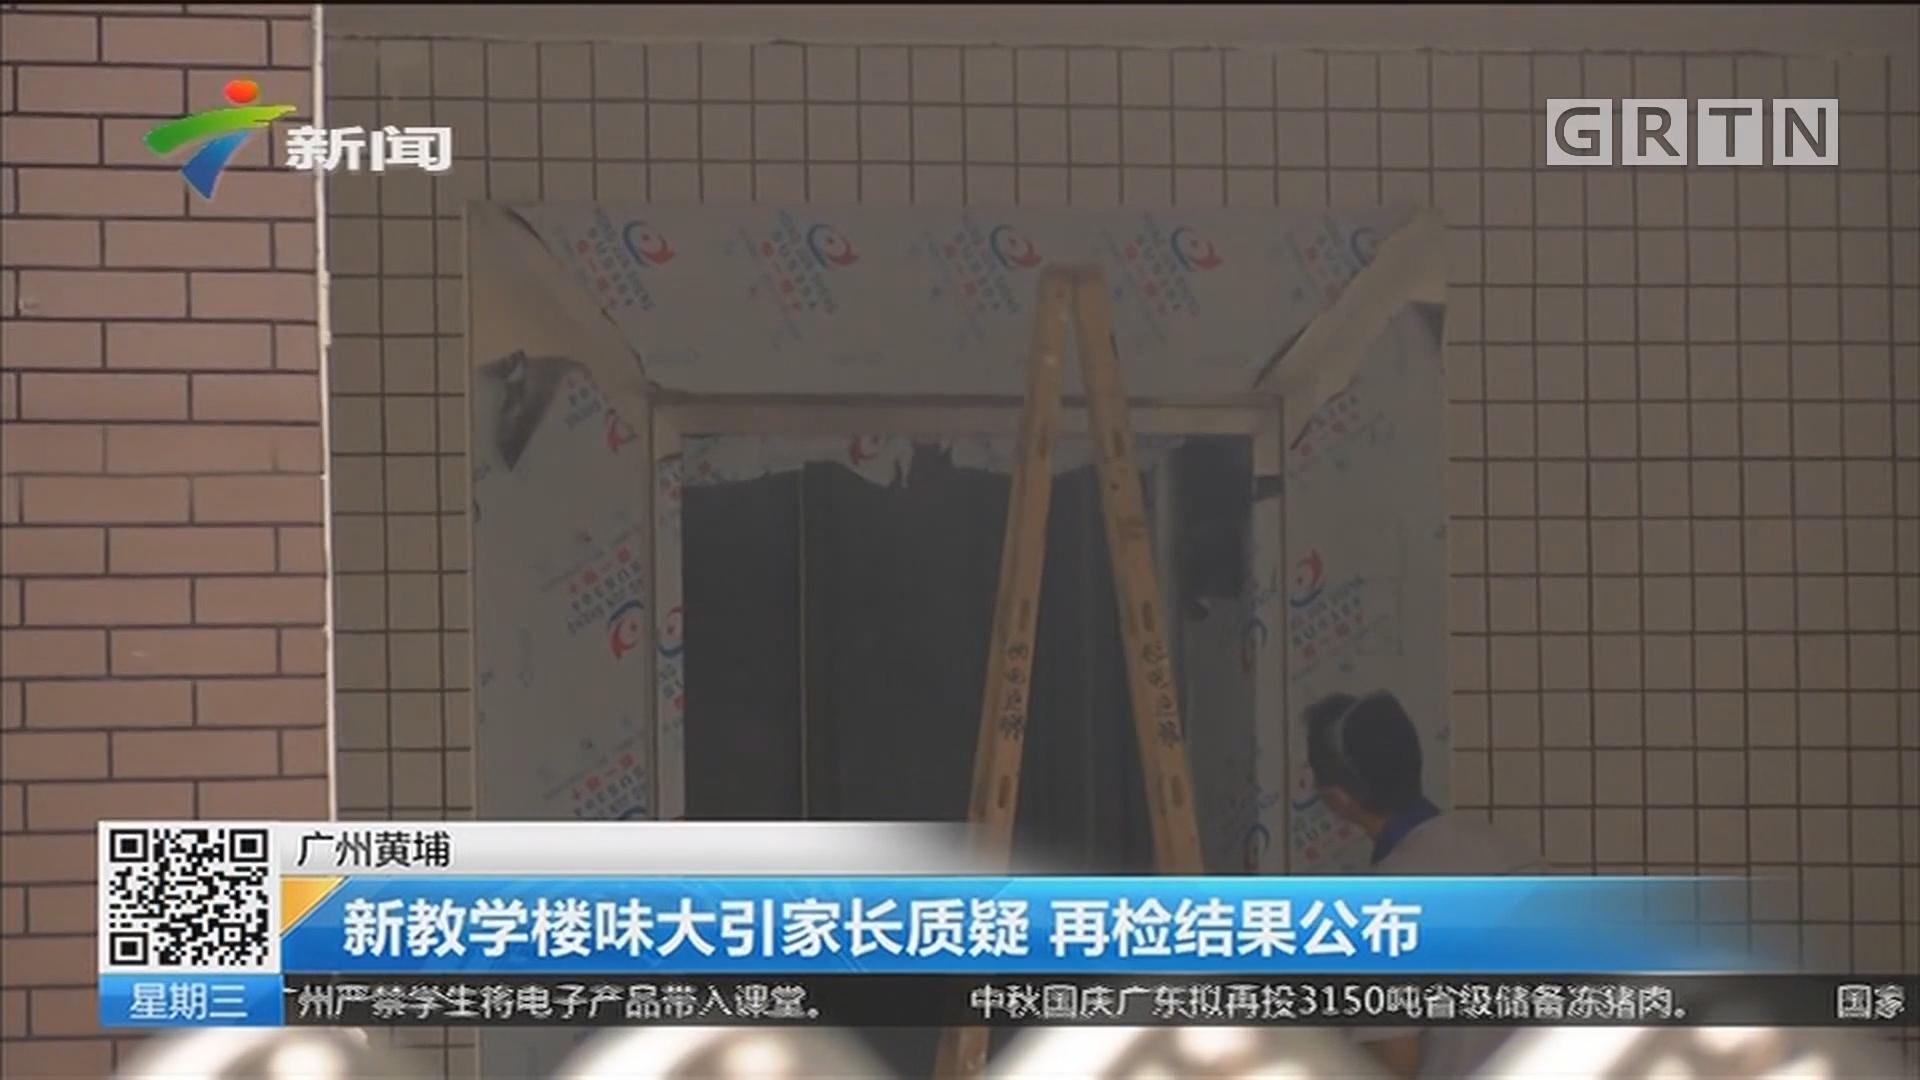 广州黄埔 新教学楼味大引家长质疑 再检结果公布